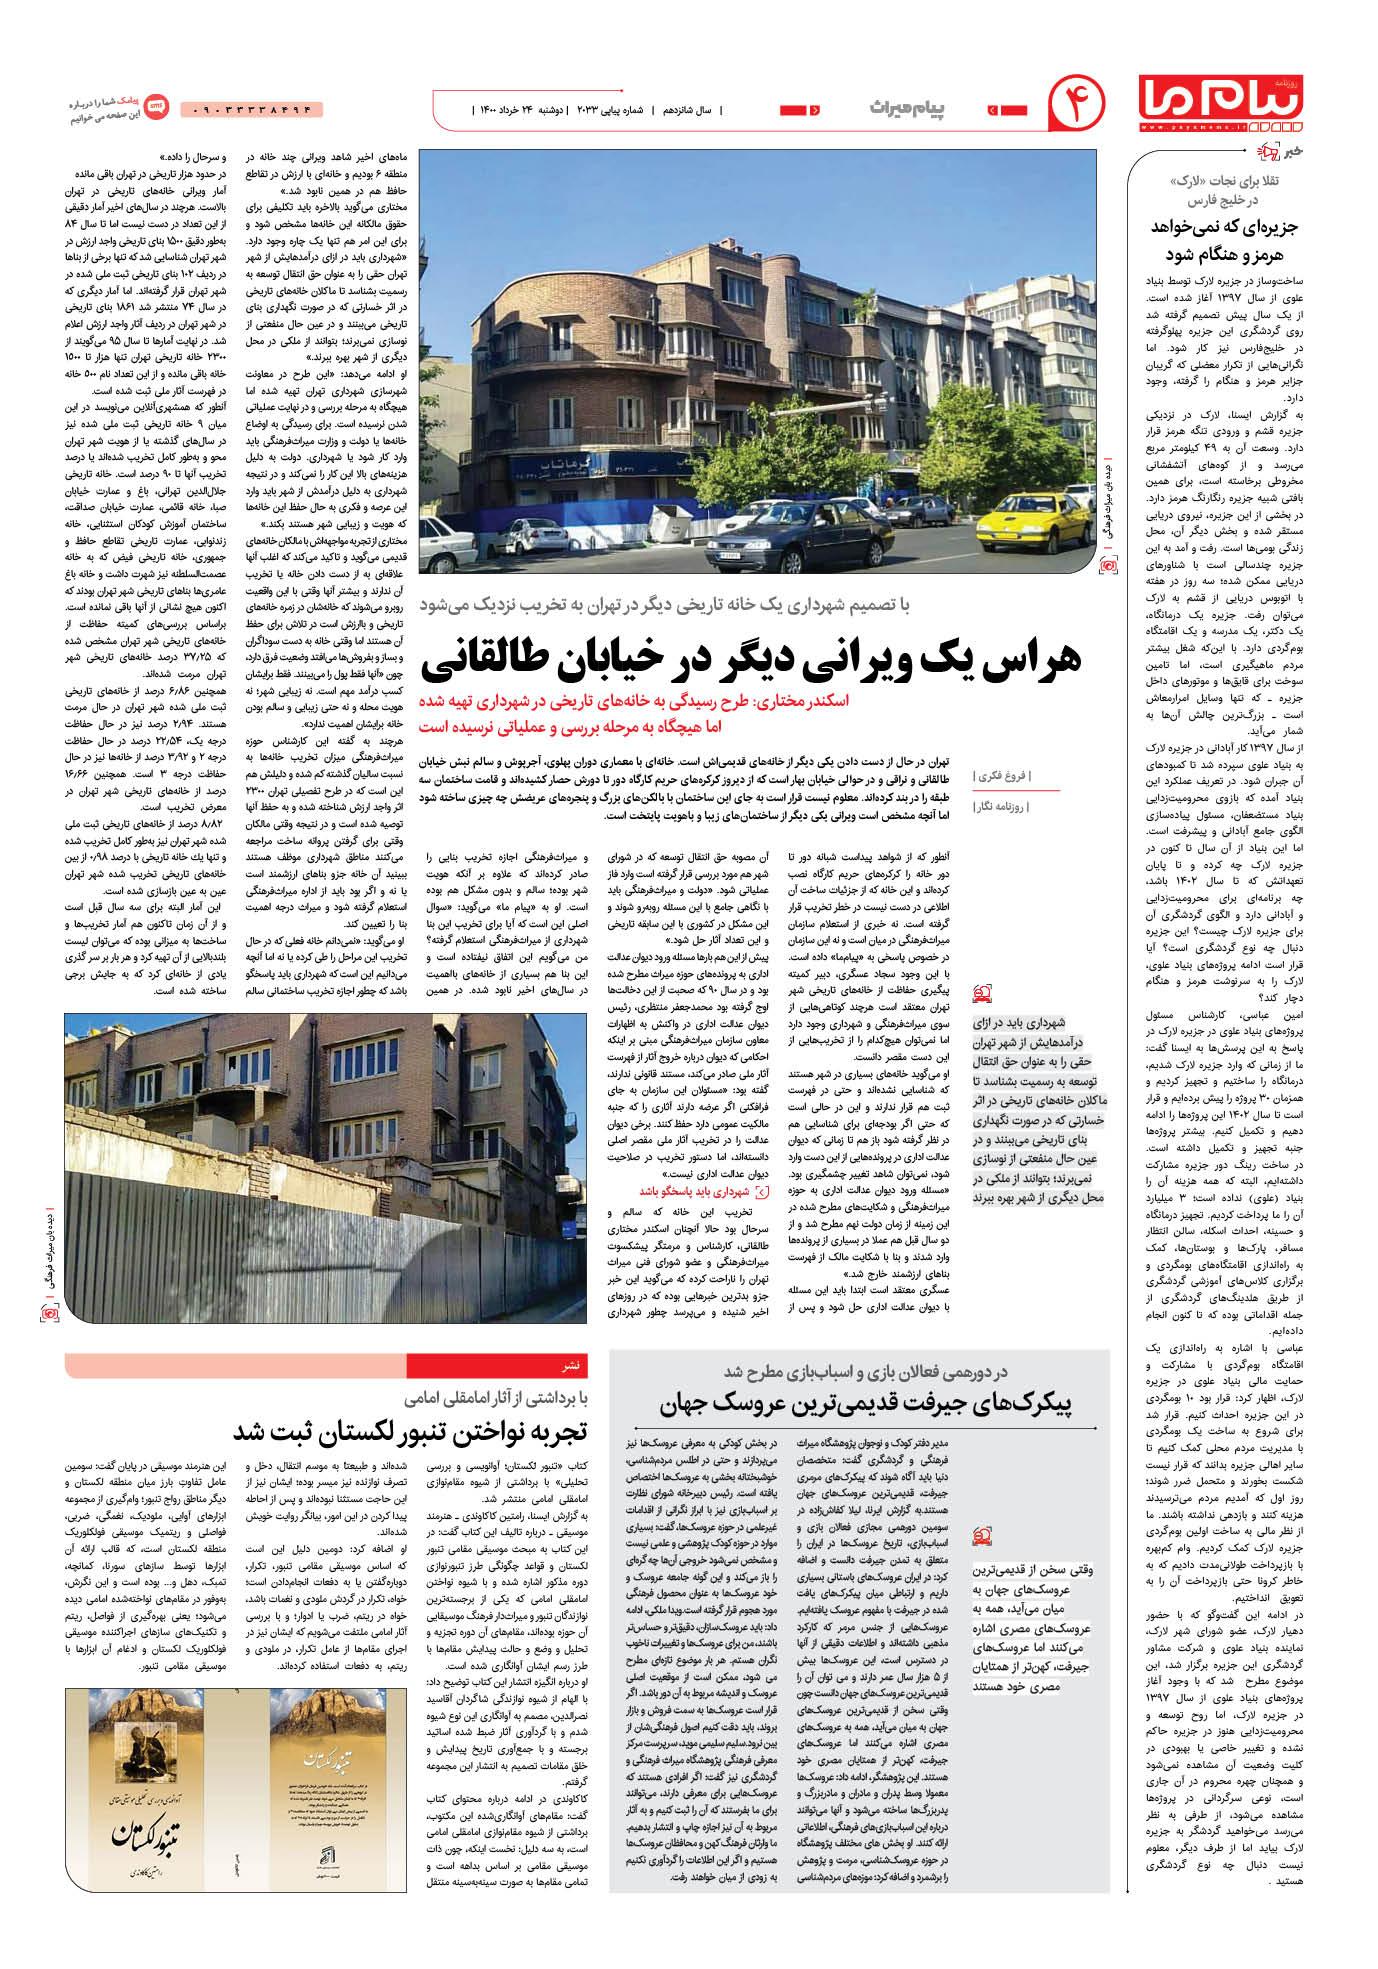 هراس یک ویرانی دیگر در خیابان طالقانی